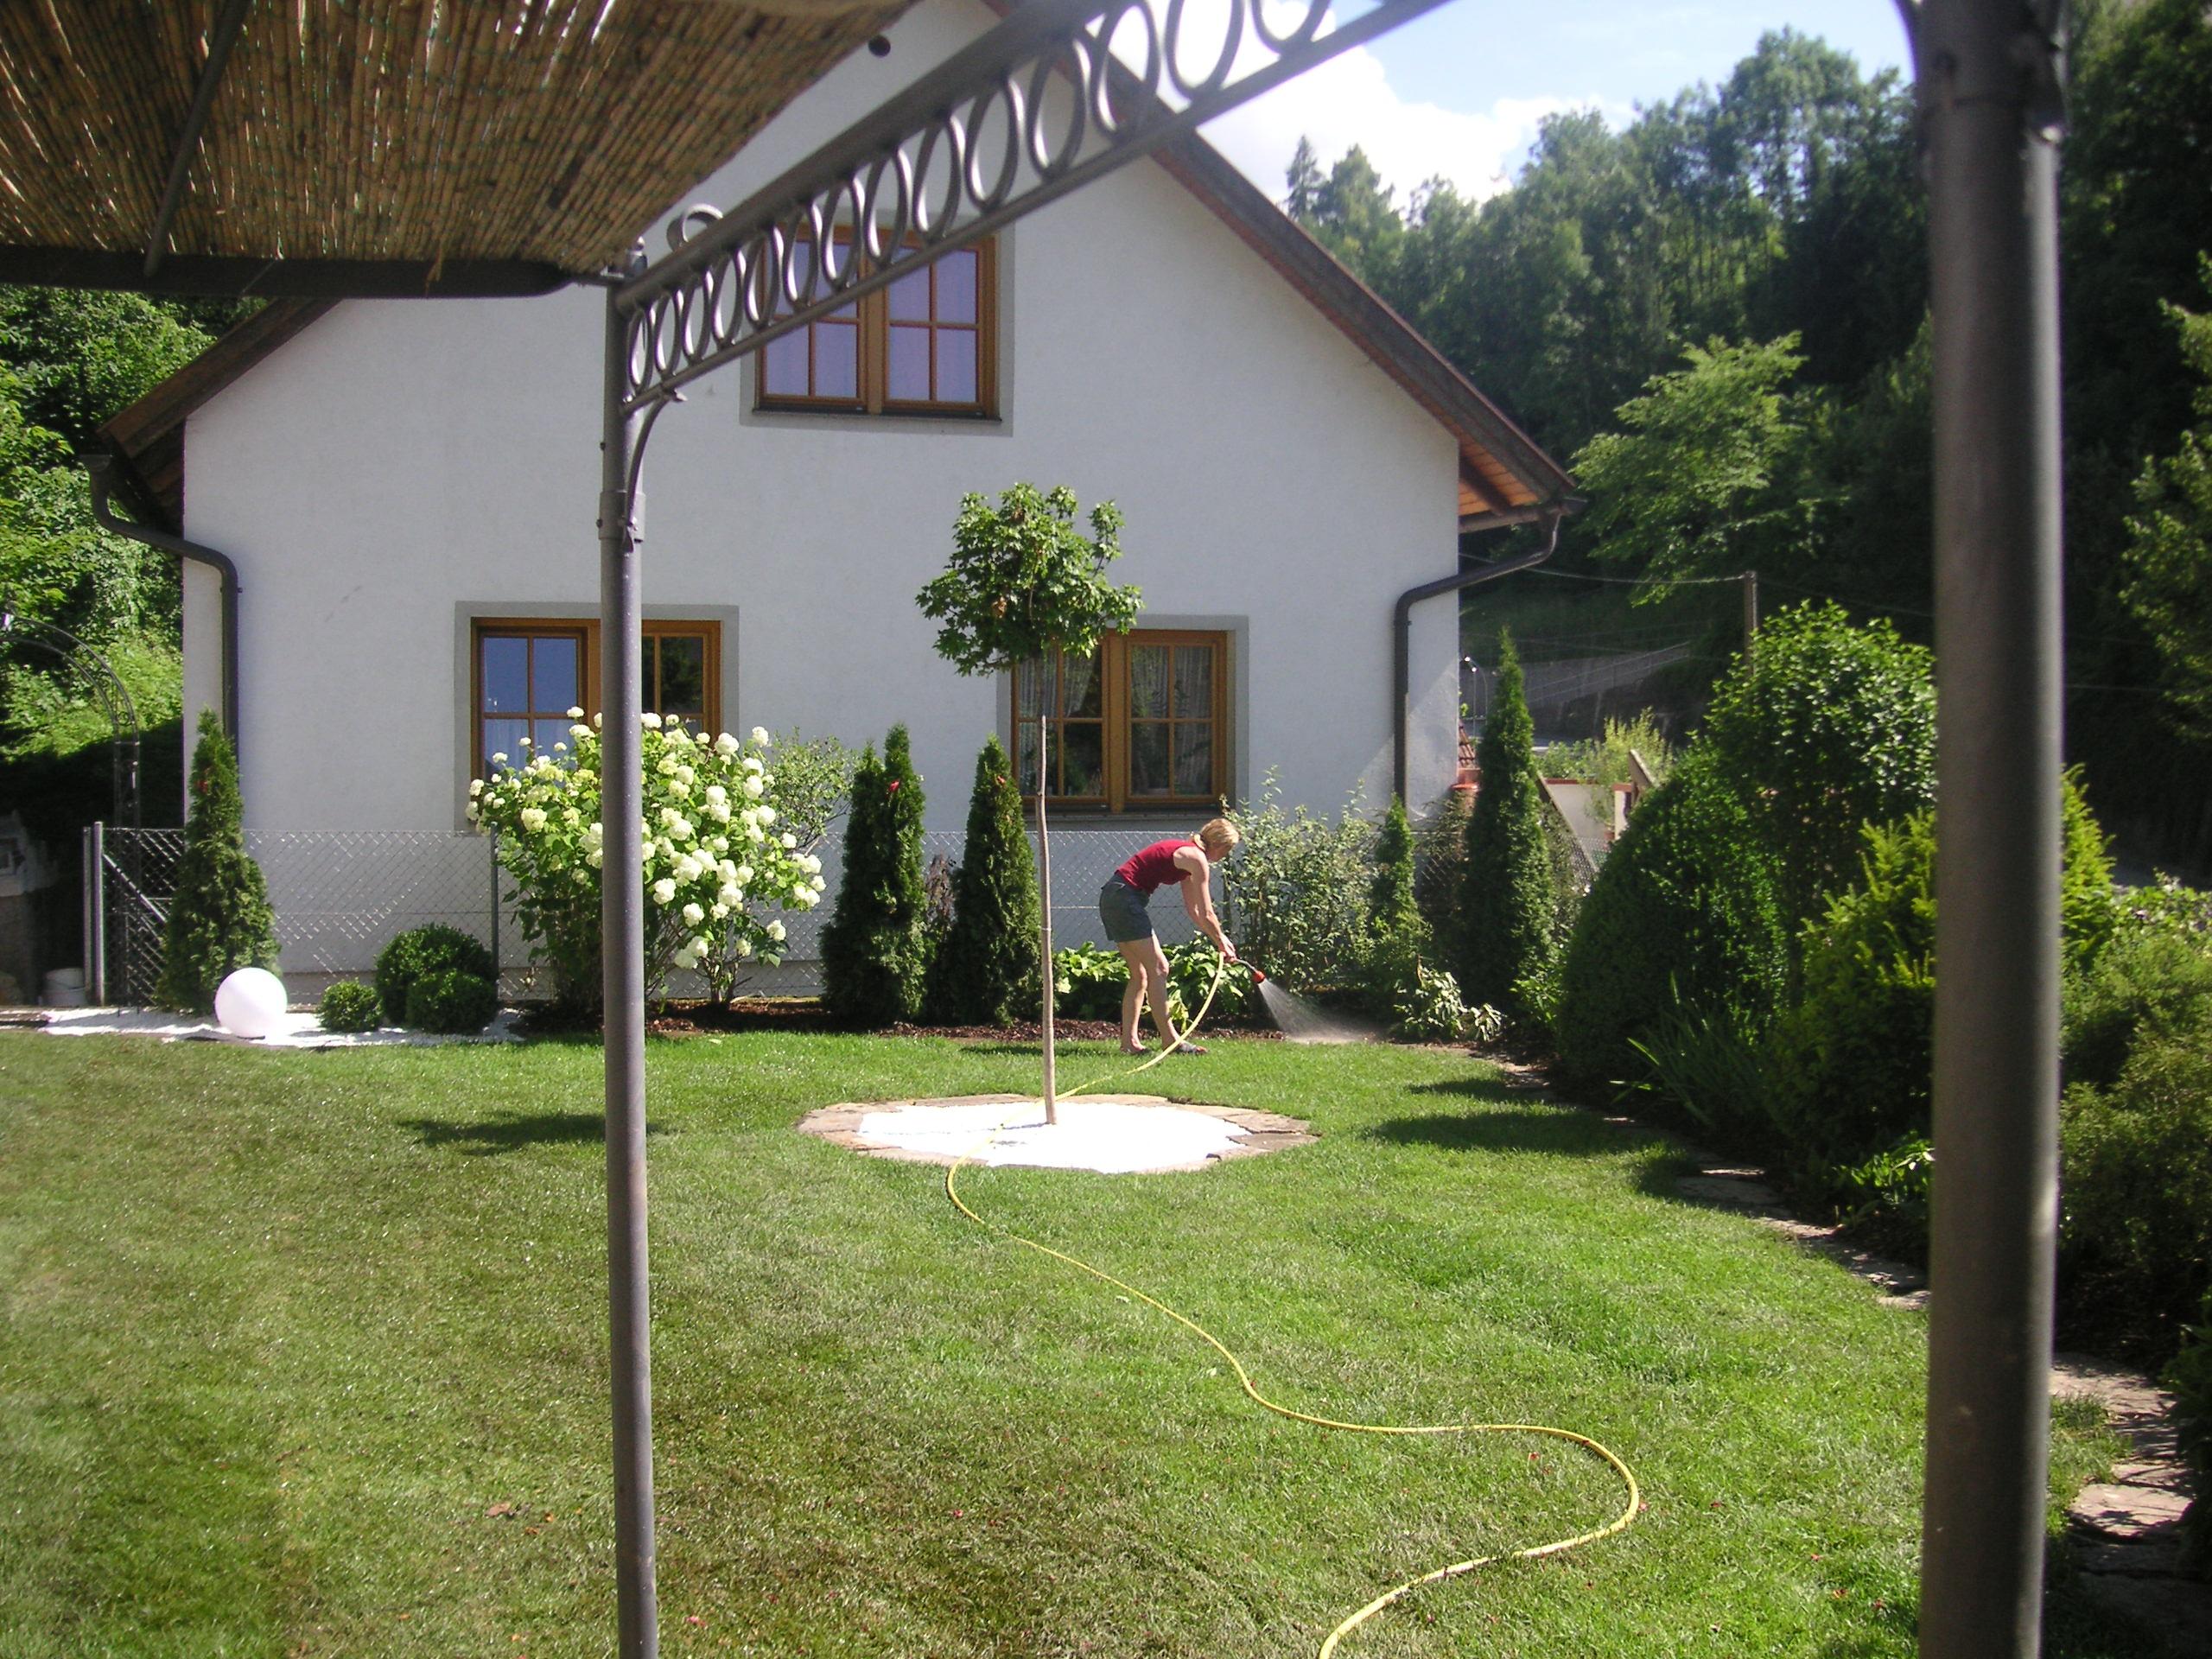 Gartengestaltung gartendesign flath for Gartengestaltung 2016